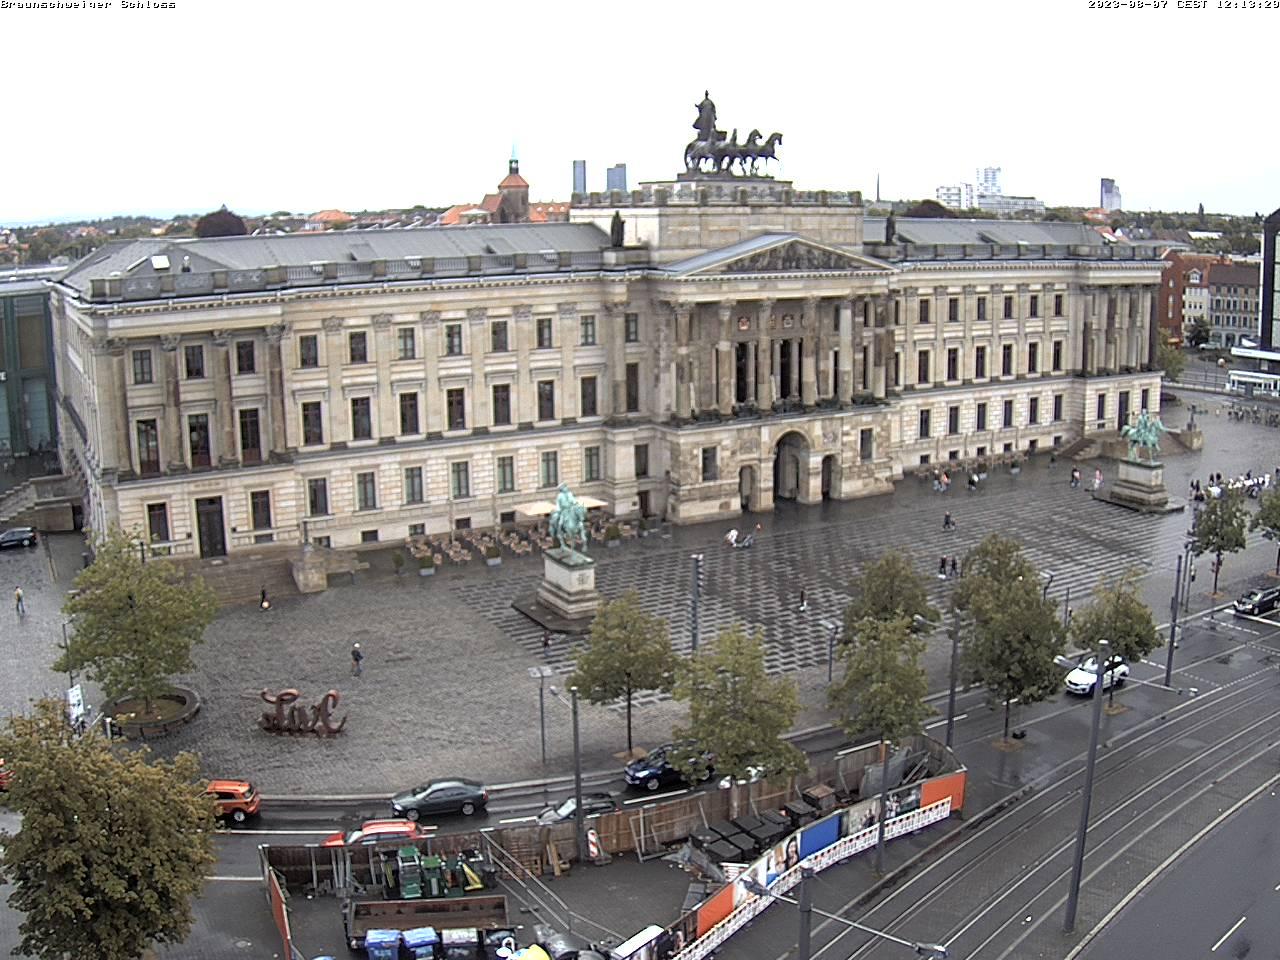 Webcambild der Schloss-Arkaden